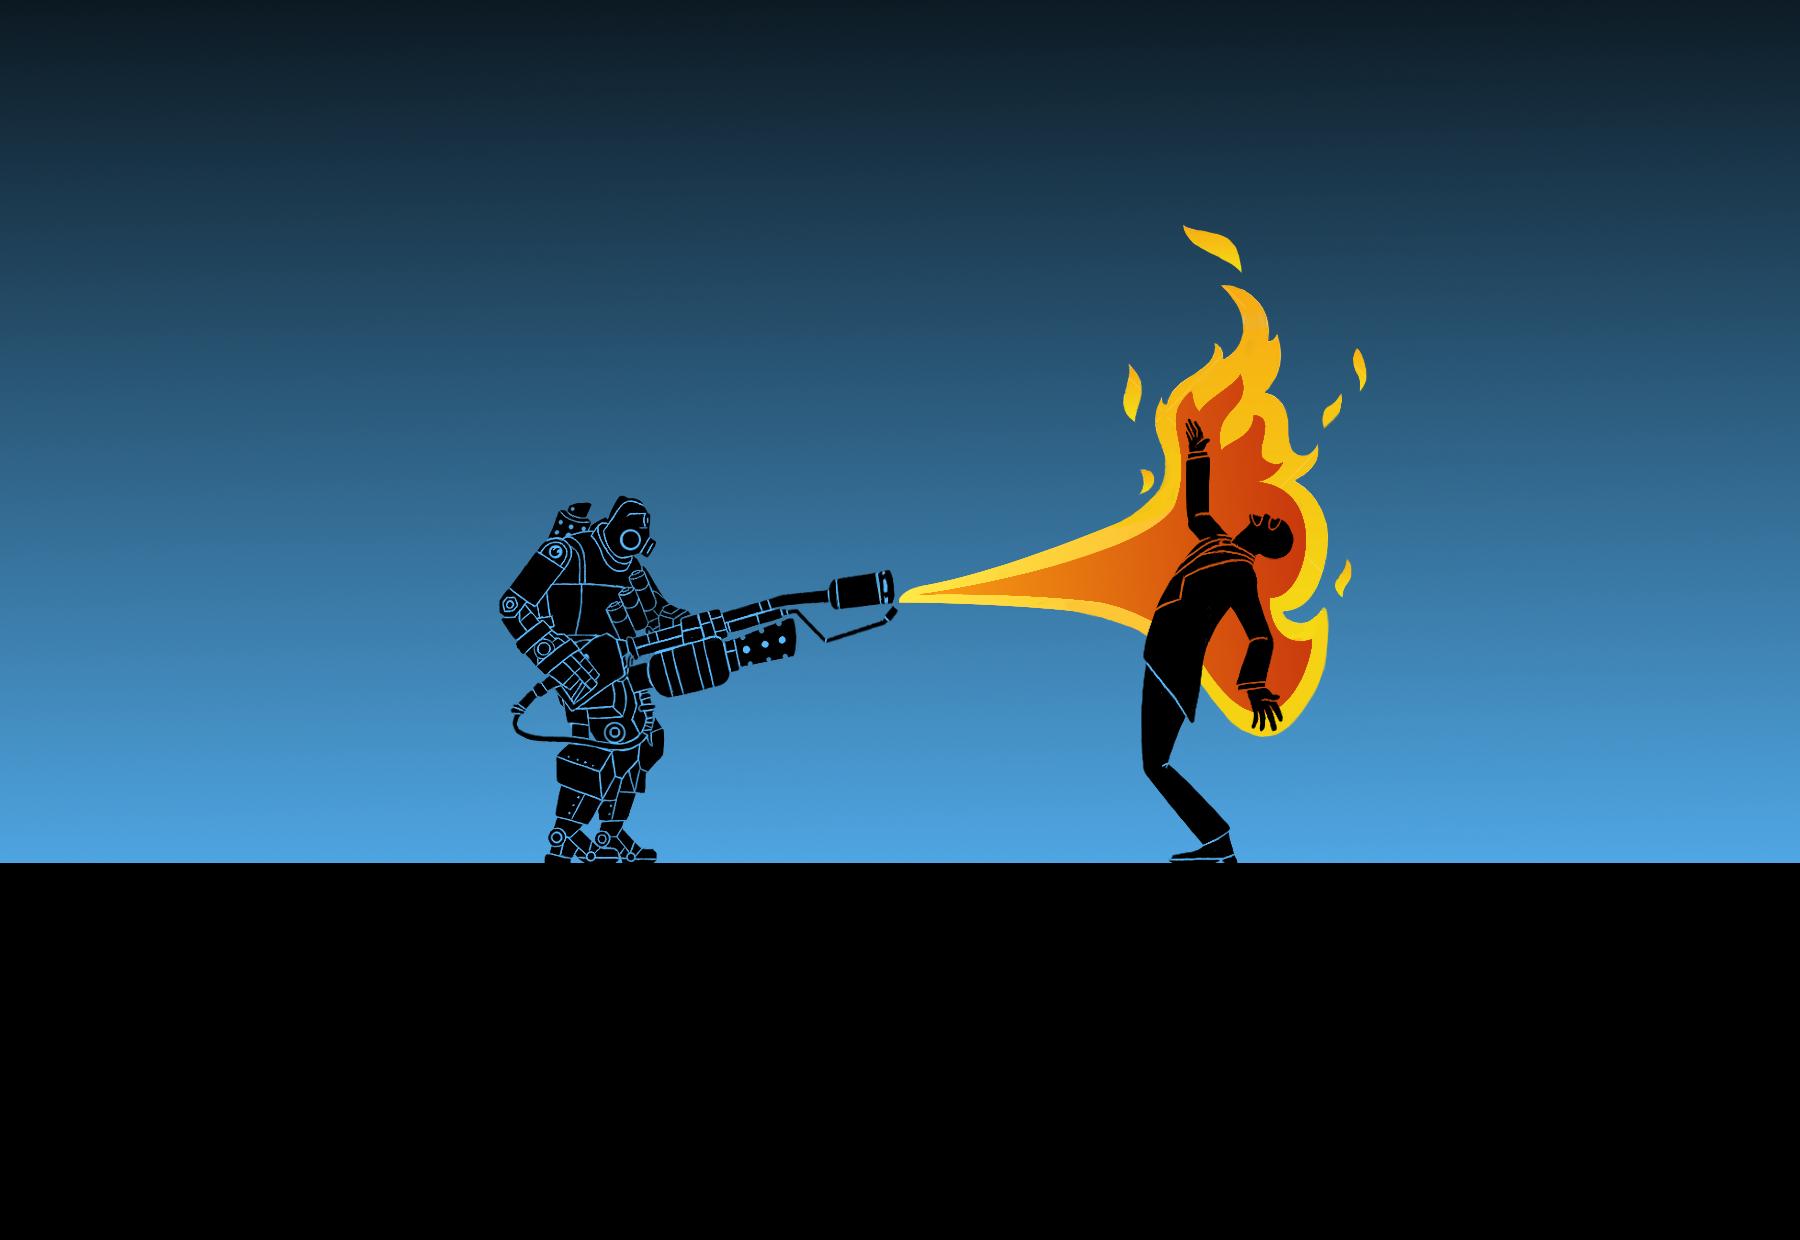 Free download TF2 Pyro bot x Spy Wallpaper by Bielek [1800x1240] for